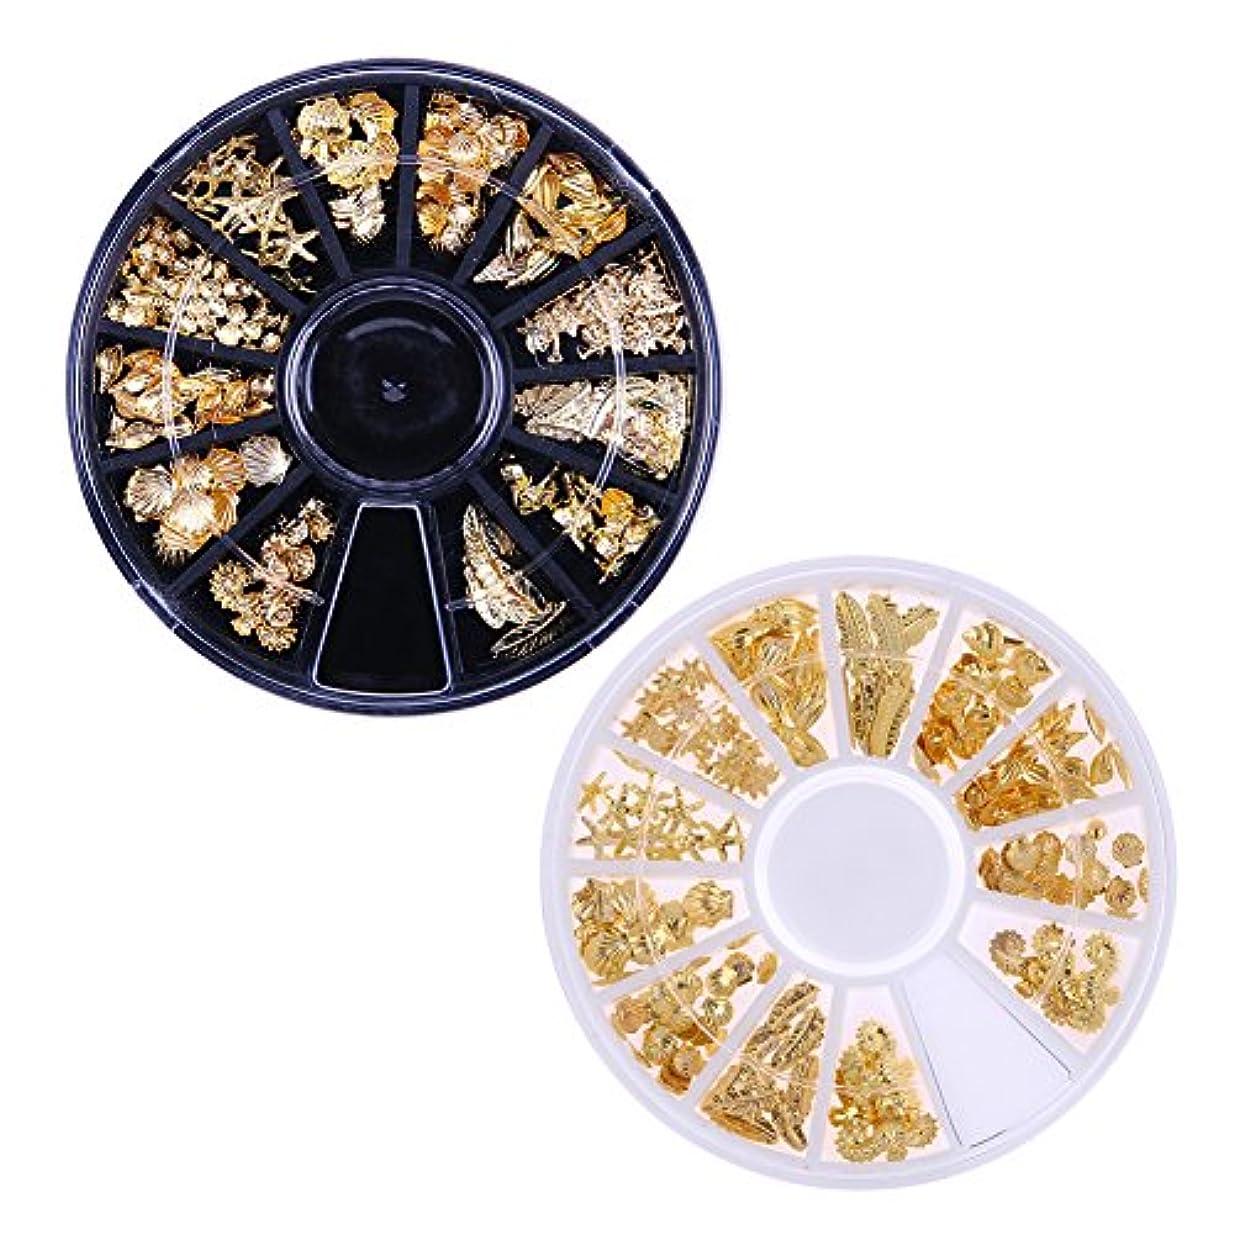 検体参照するランチDemiawaking 3D ネイルパーツ メタル ゴールド 海テーマ(貝殻/海馬/海星など) 12種形 ネイルデコレーション ラウンドケース入リ 2ケース